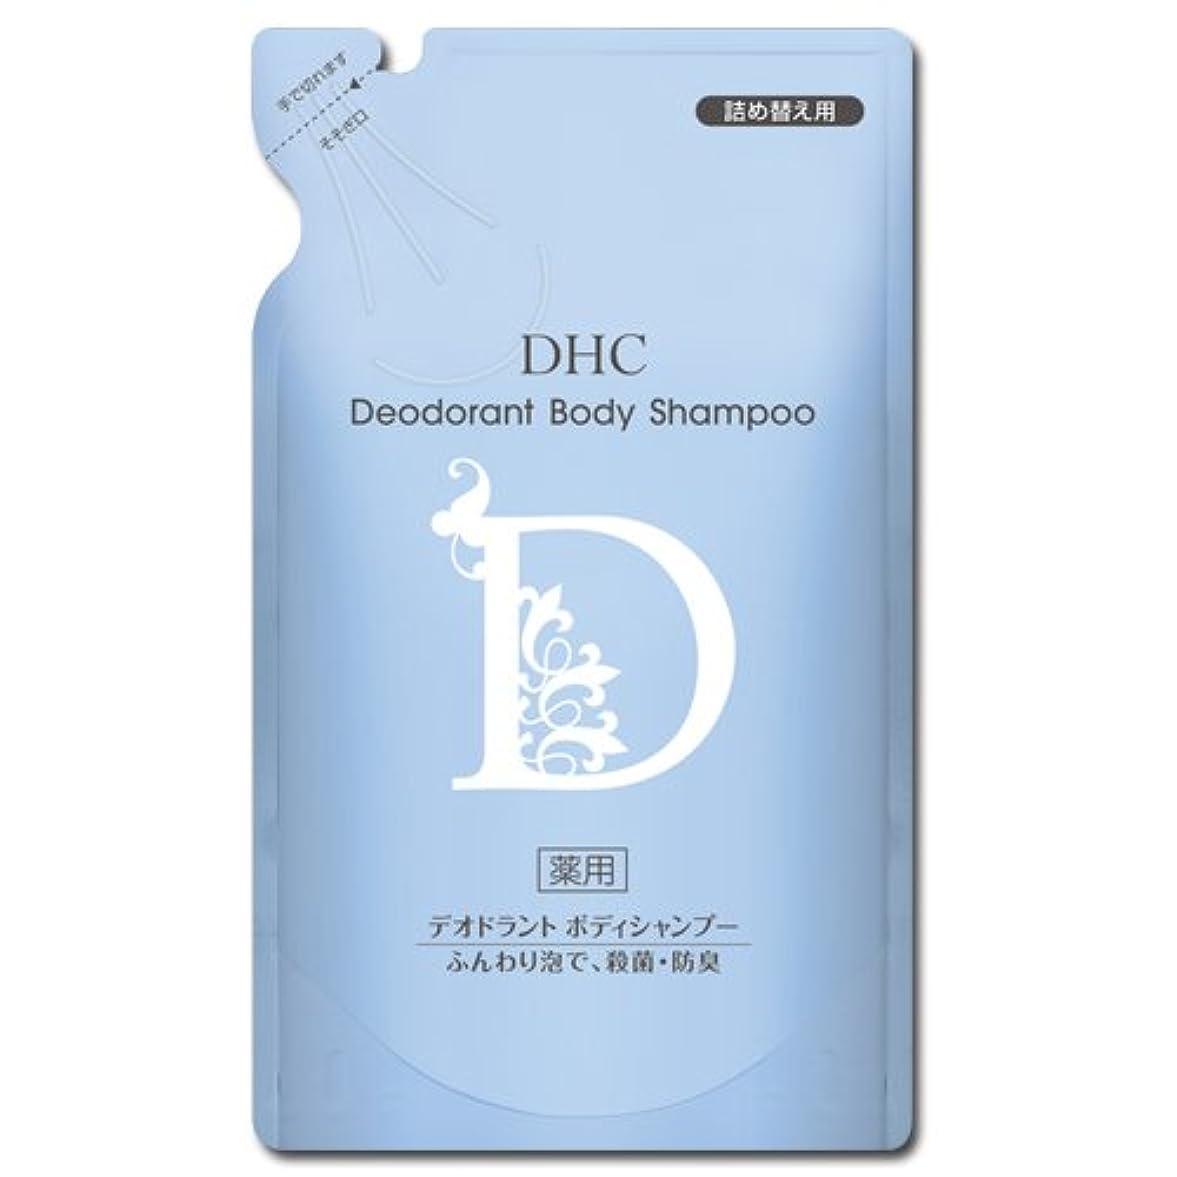 ポーズ範囲時々【医薬部外品】DHC薬用デオドラント ボディシャンプー 詰め替え用